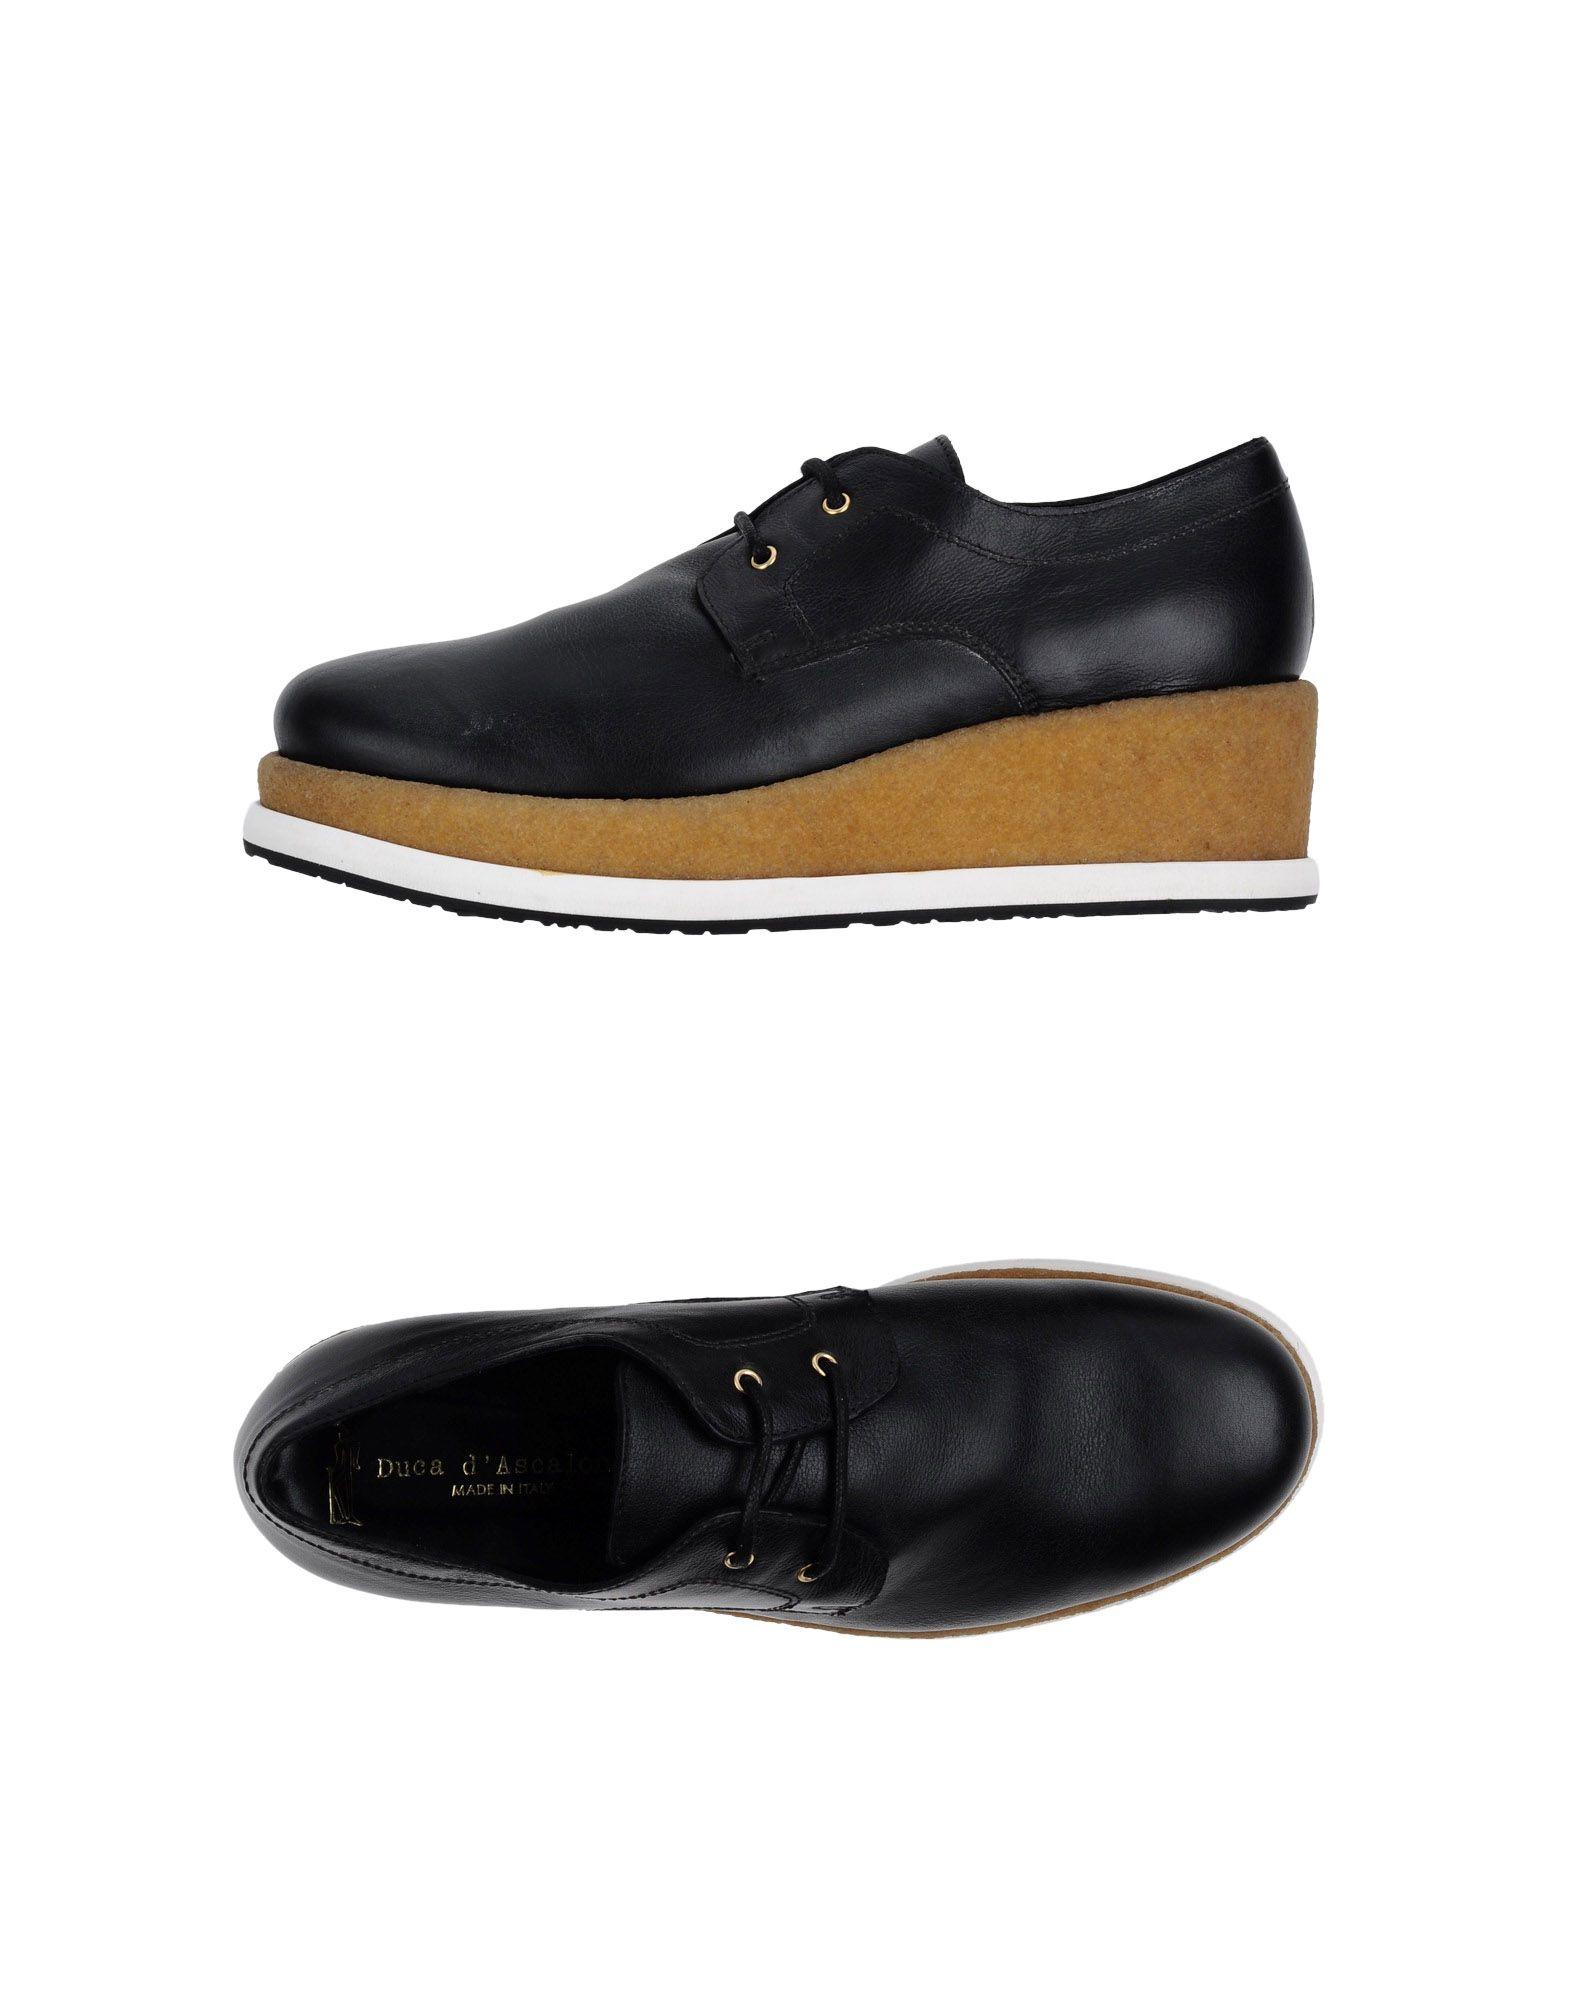 Chaussures À Lacets Duca Dascalona Femme - Chaussures À Lacets Duca Dascalona sur